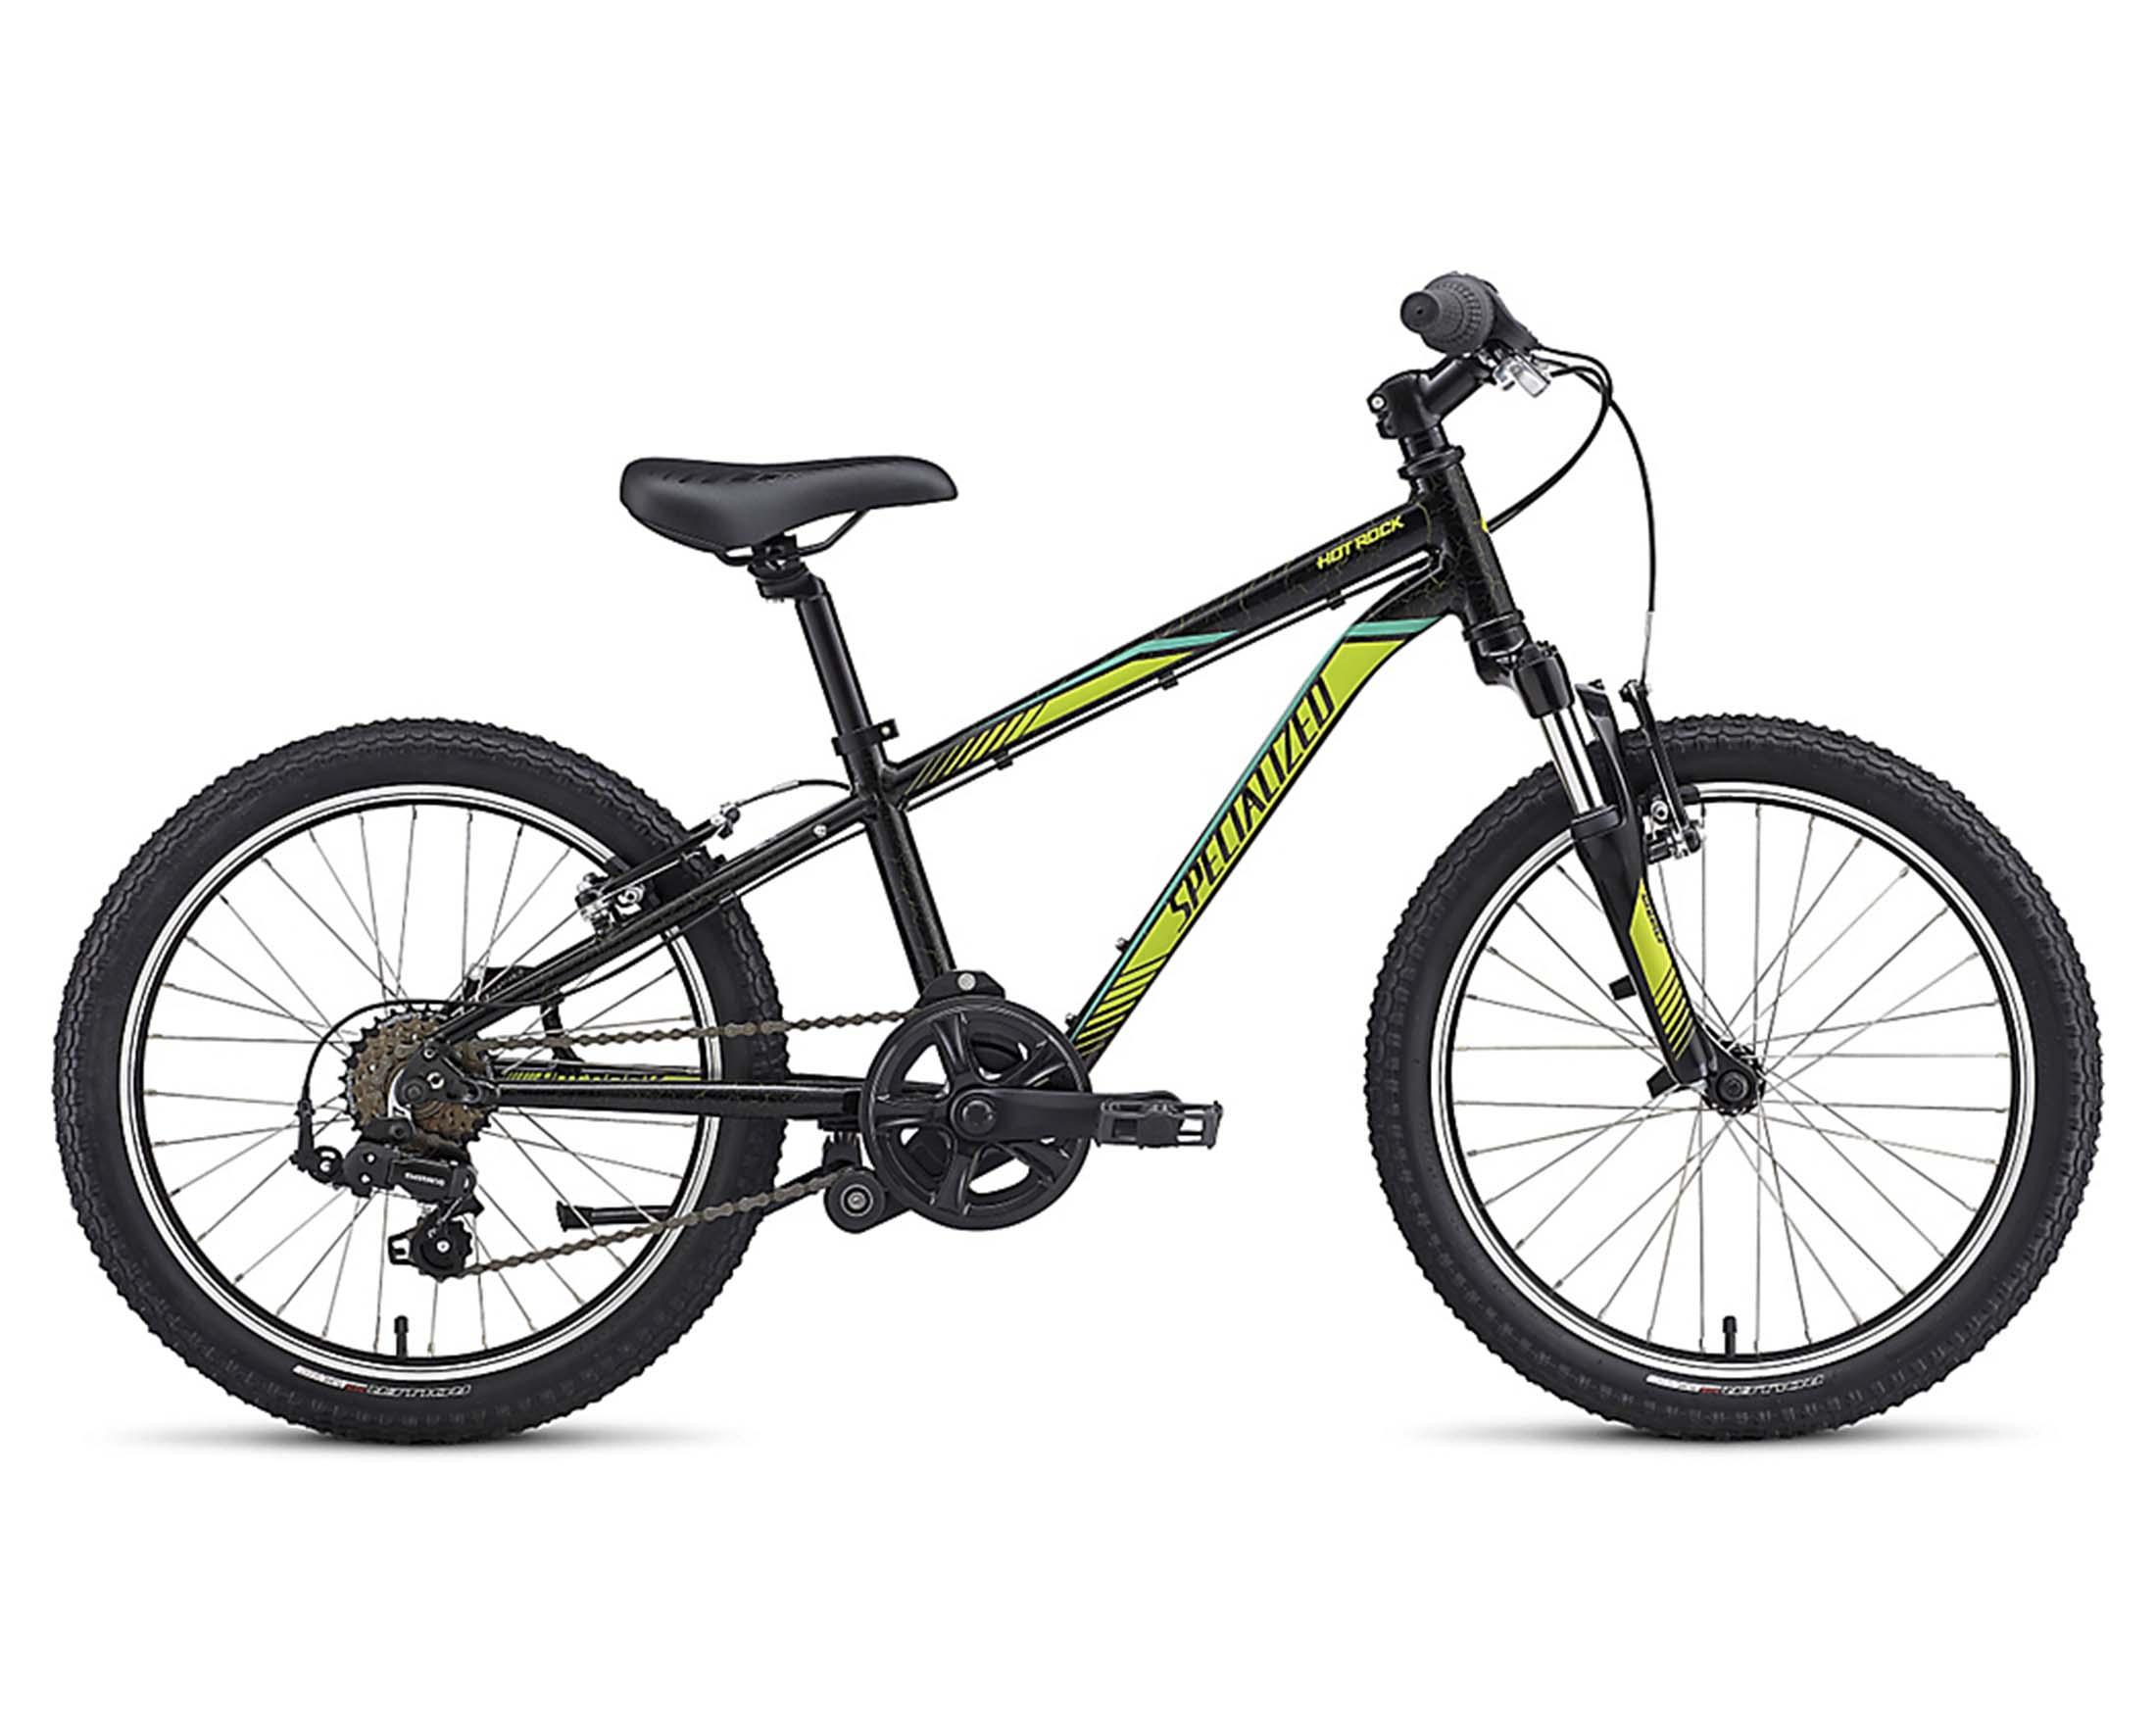 Specialized Bikes -Dein Specialized Rad wartet auf dich! | nanobike.de